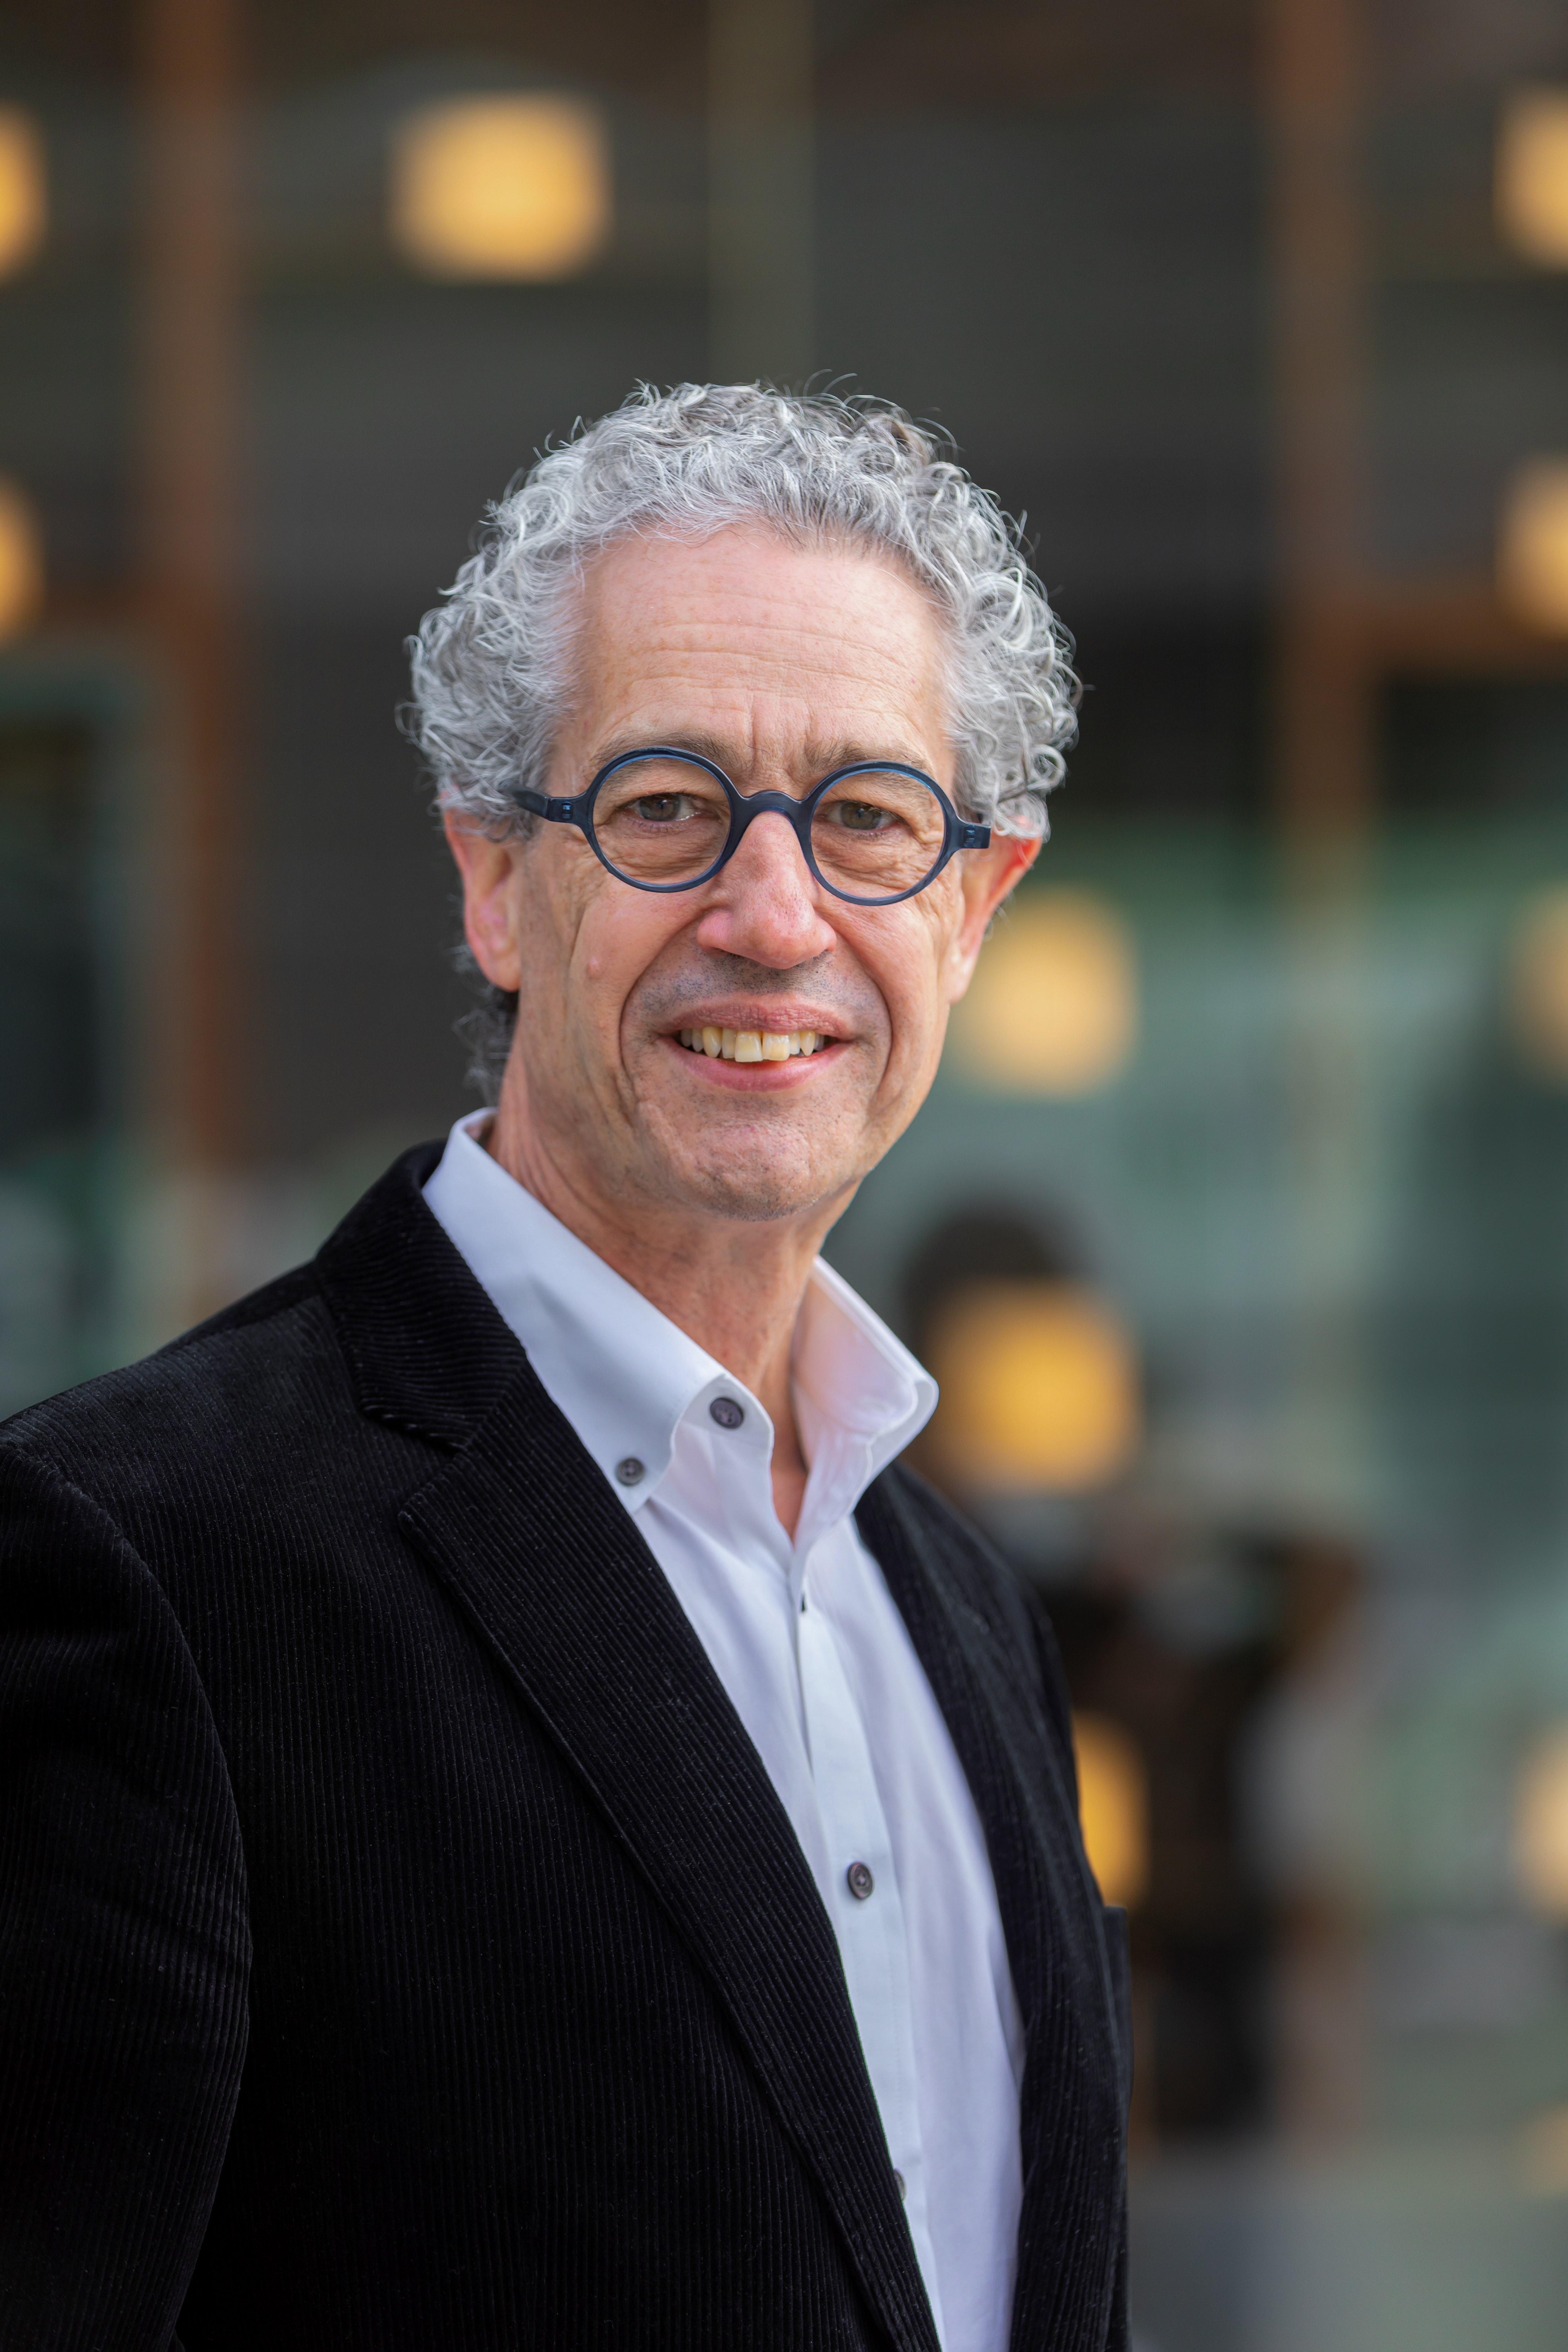 Peter Tertzakian